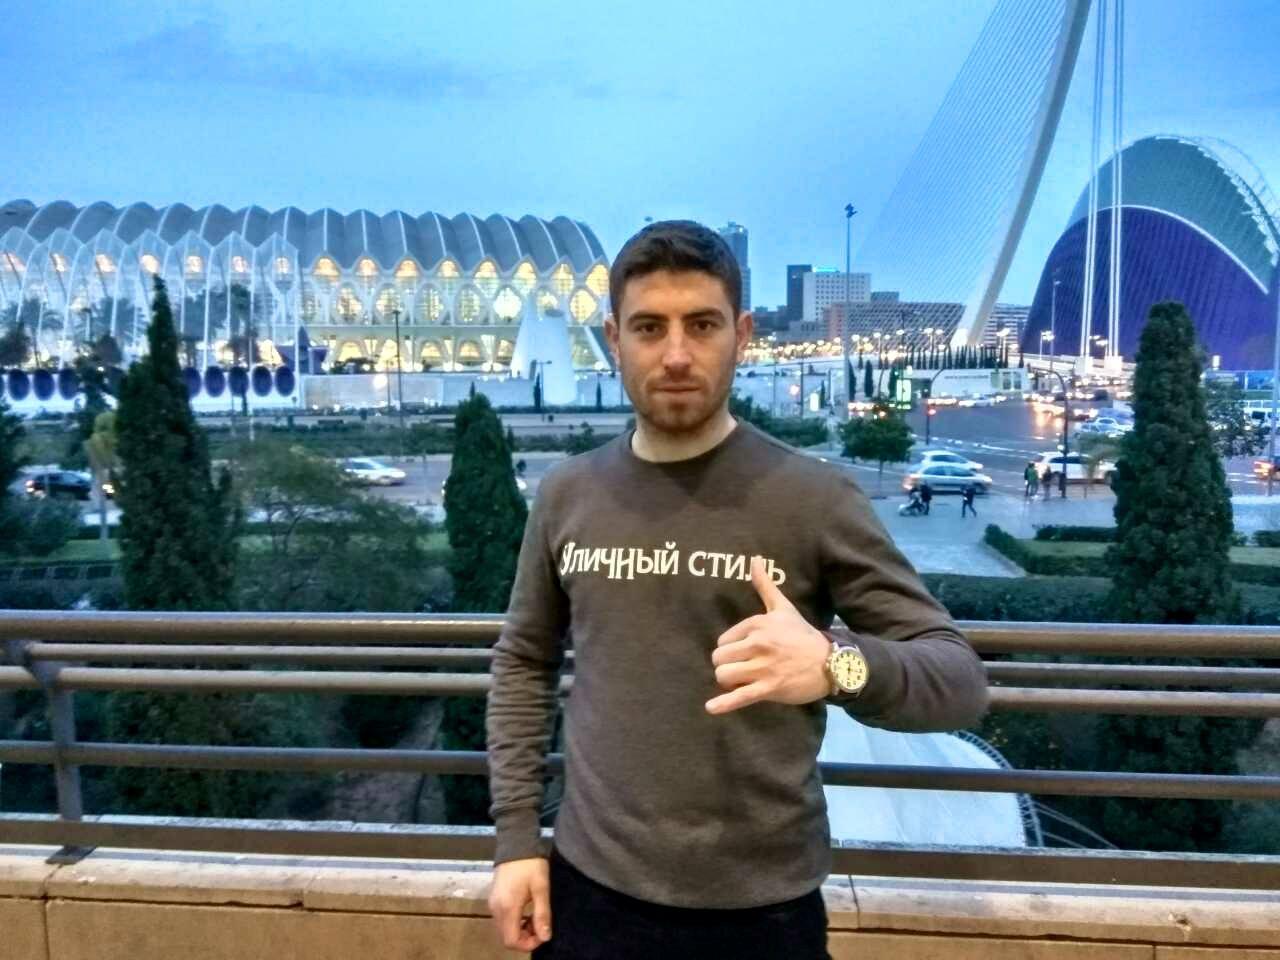 Андрей Бутуча, магазин Bezu, компания Basic Group